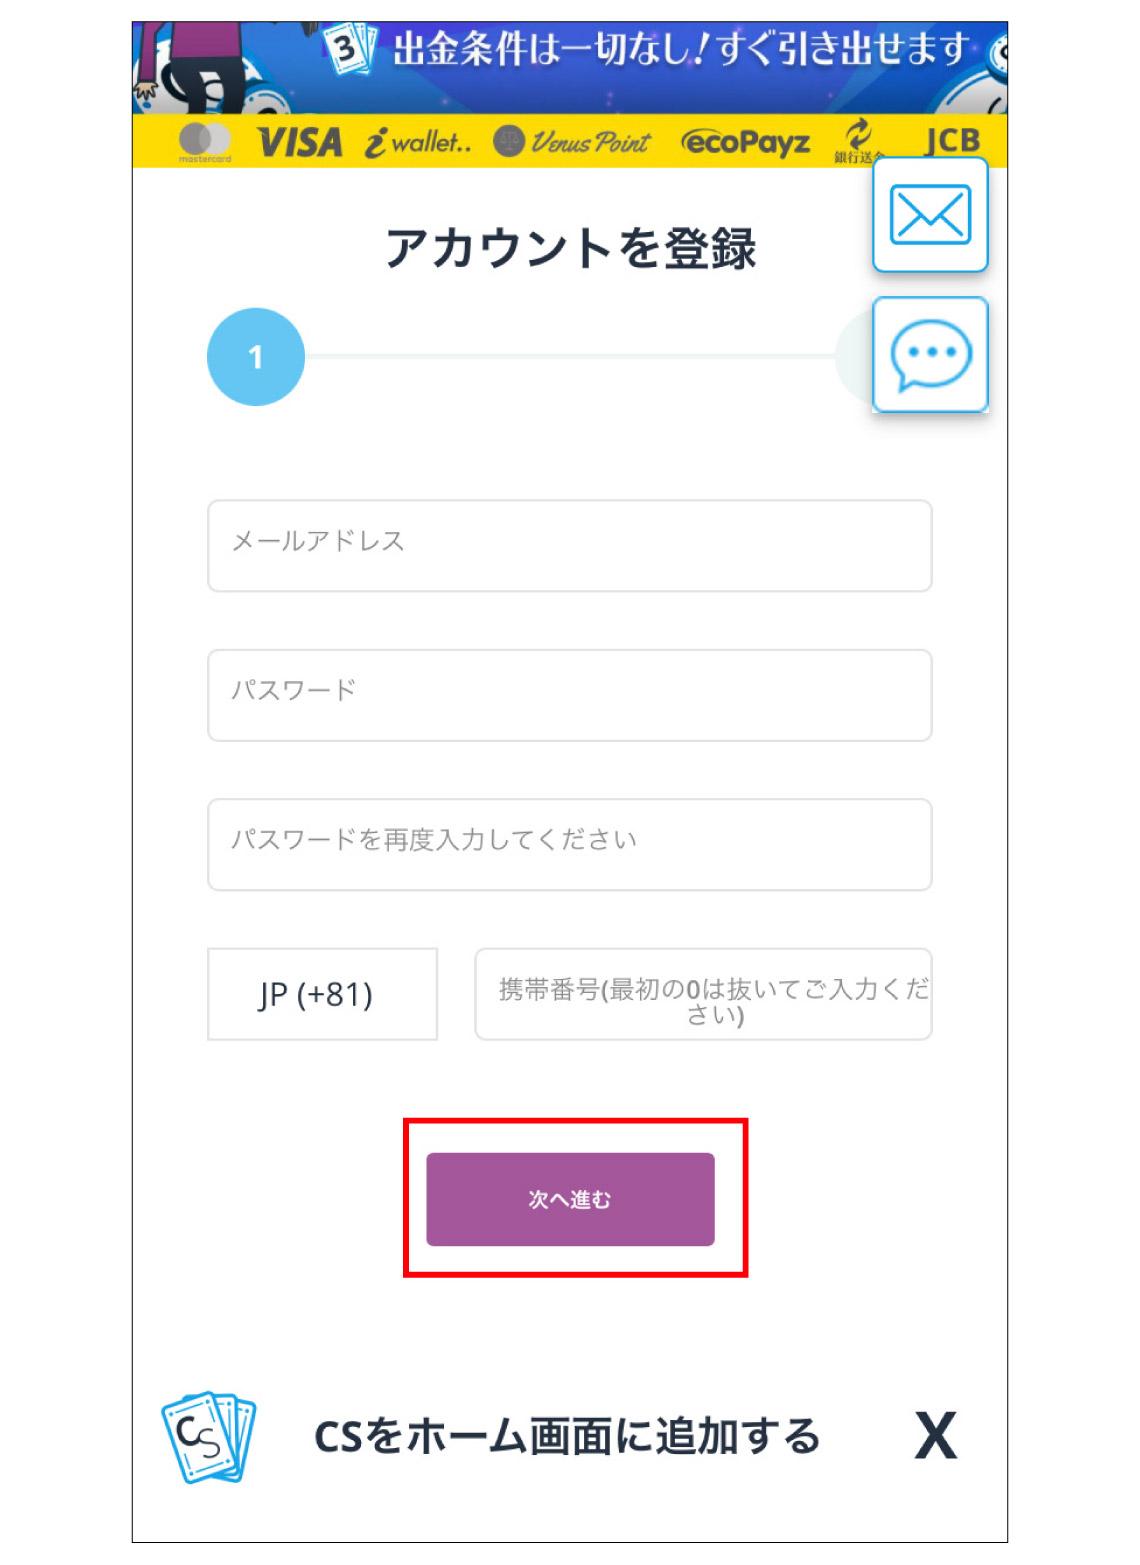 【スマホからカジノシークレットに登録する方法3】メールアドレスなど個人情報の登録